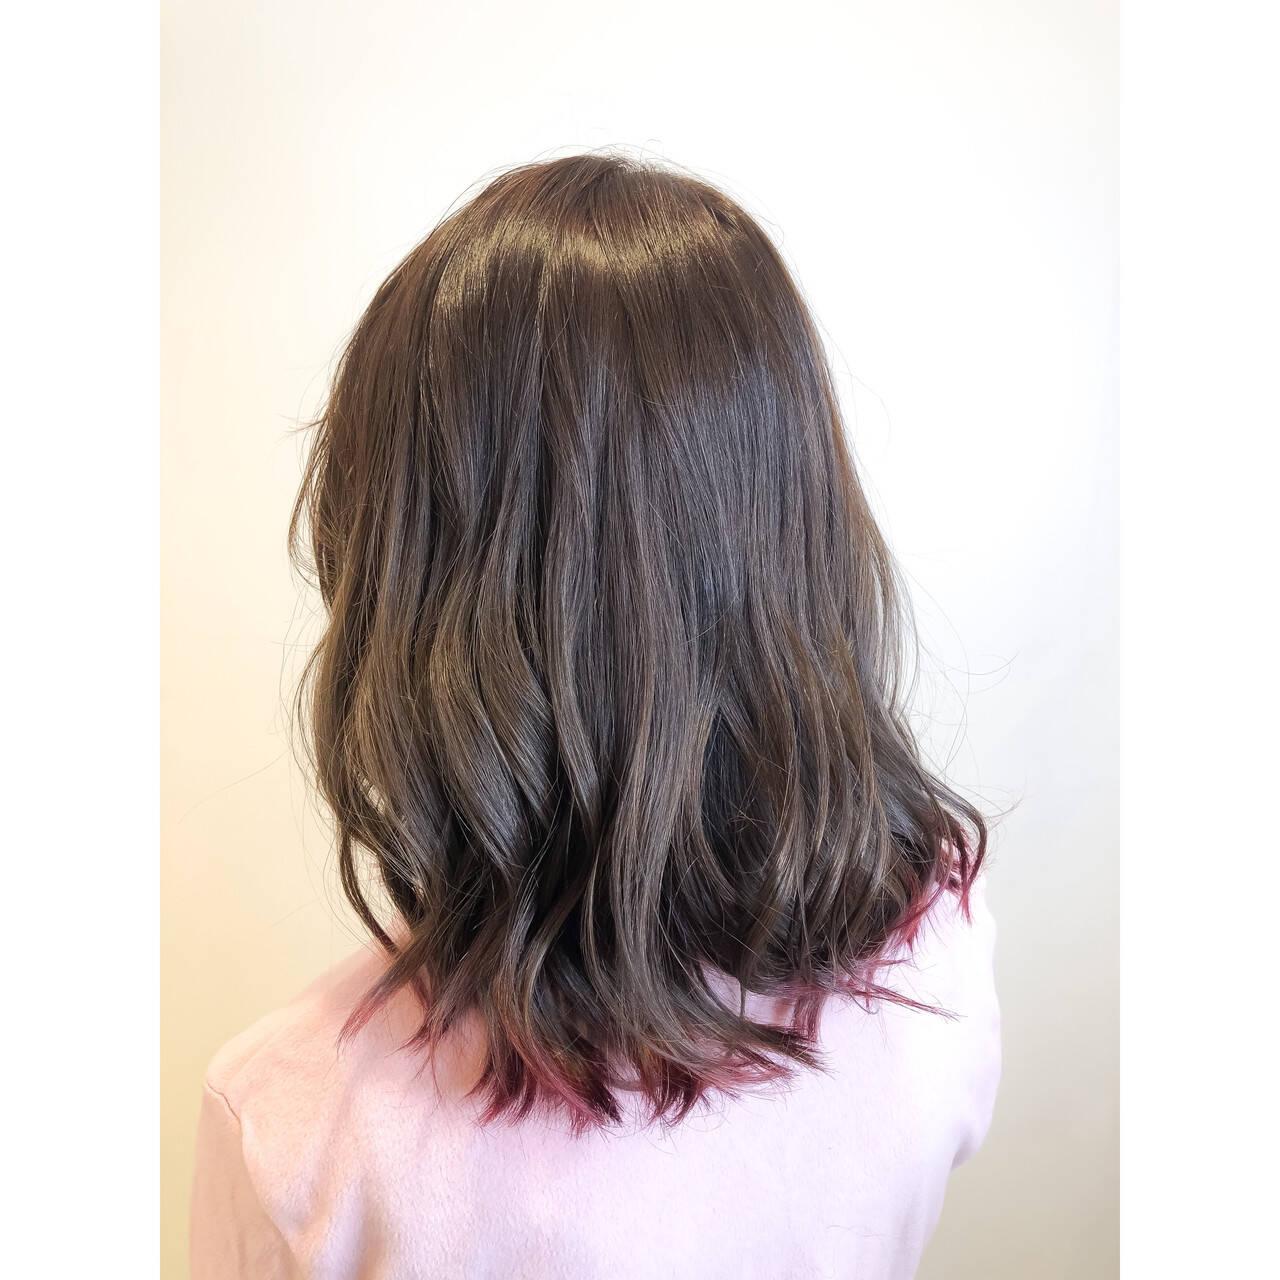 グラデーションカラー 大人ヘアスタイル ラベンダーピンク ミディアムヘアスタイルや髪型の写真・画像